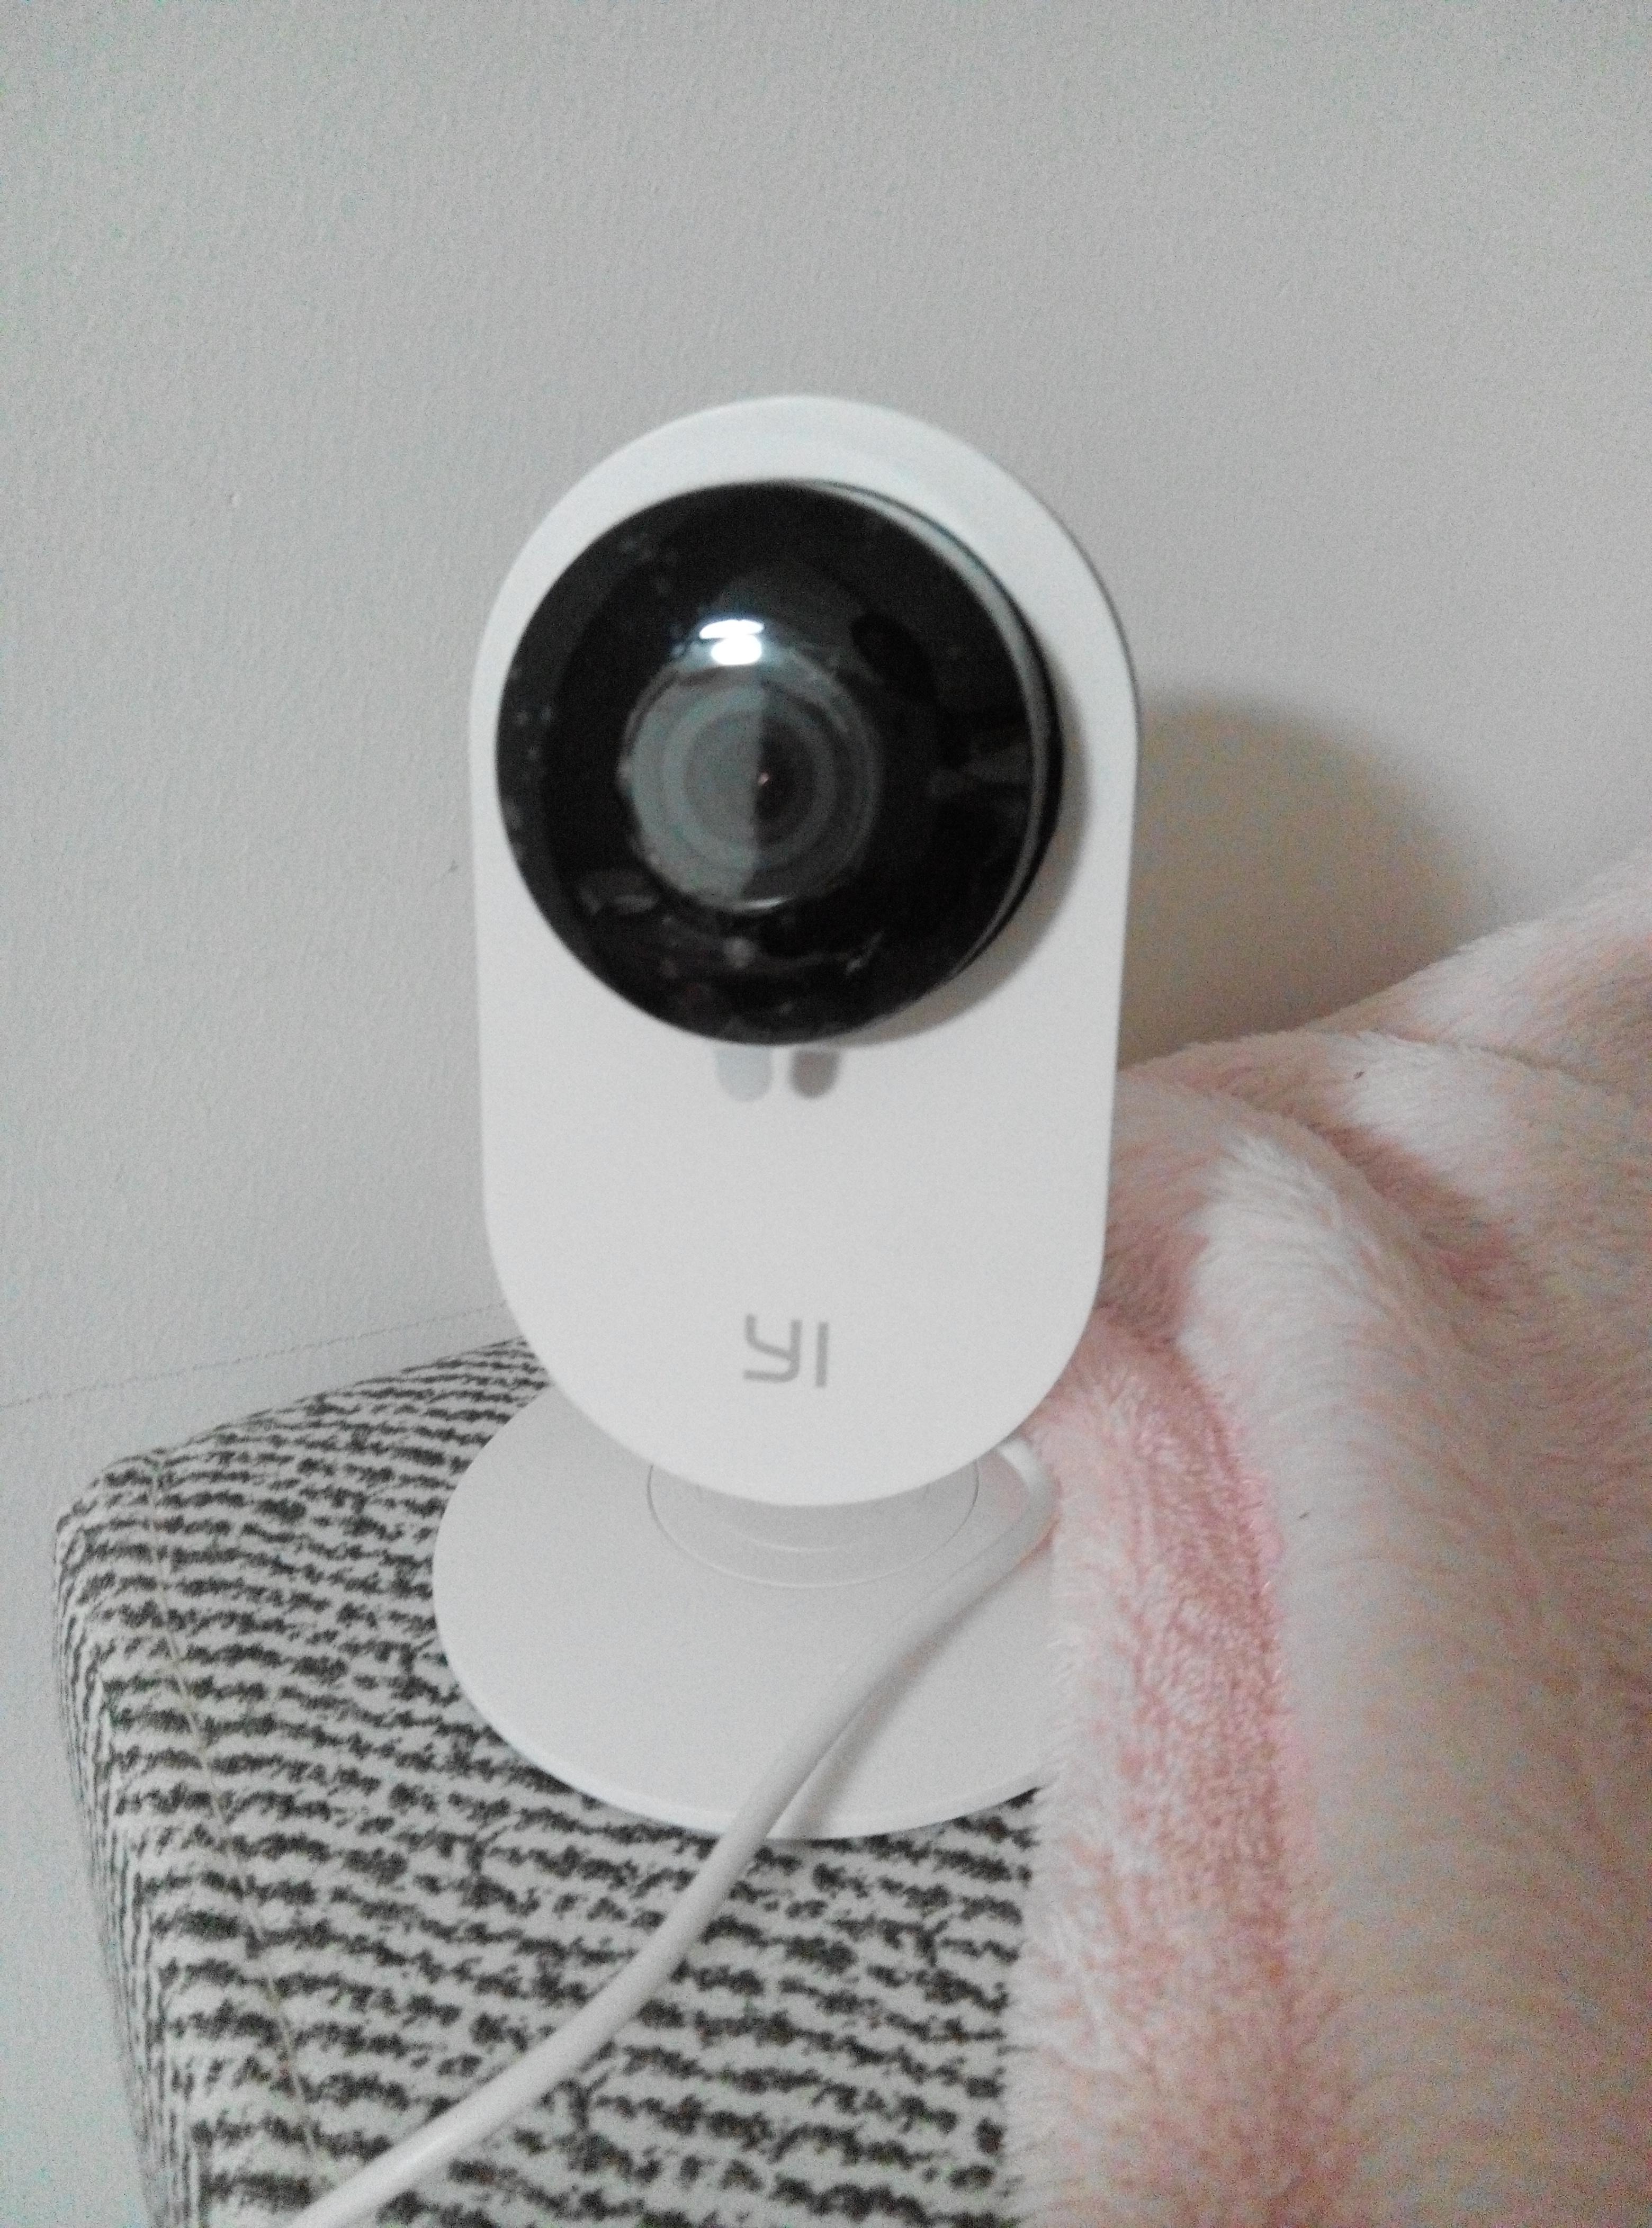 小米智能家庭和小蚁摄像机应用来连接图片